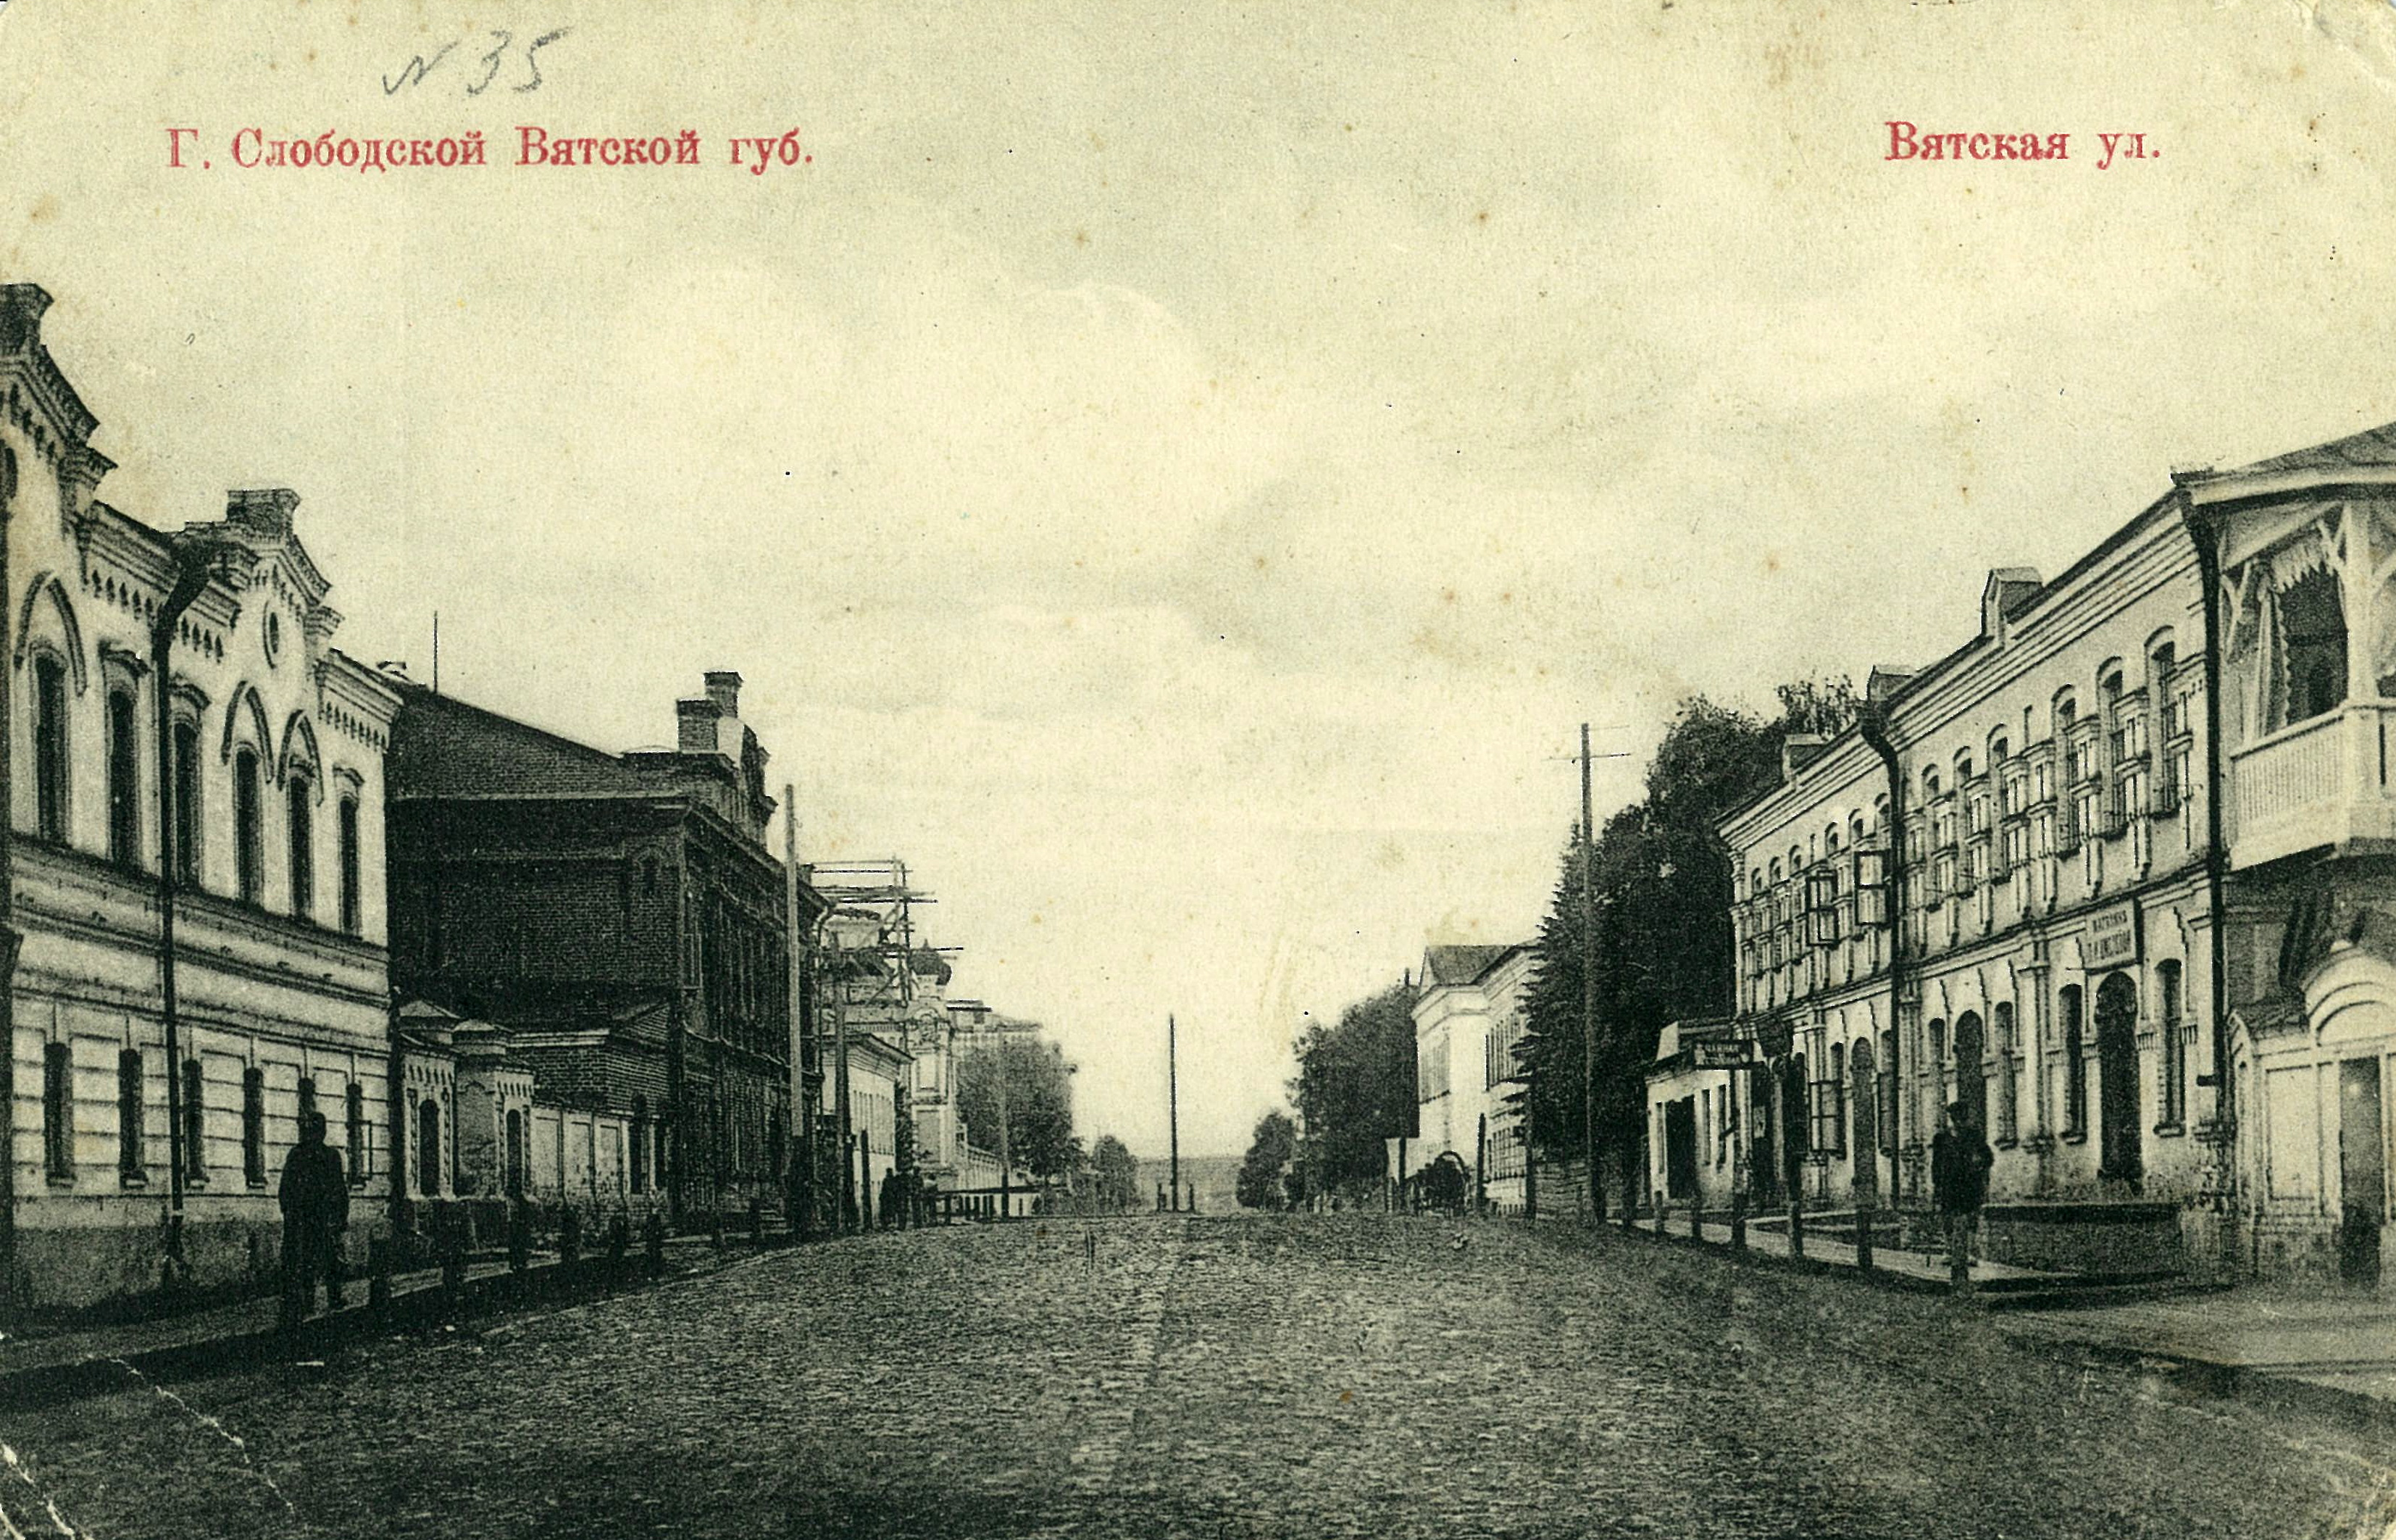 Вятская улица